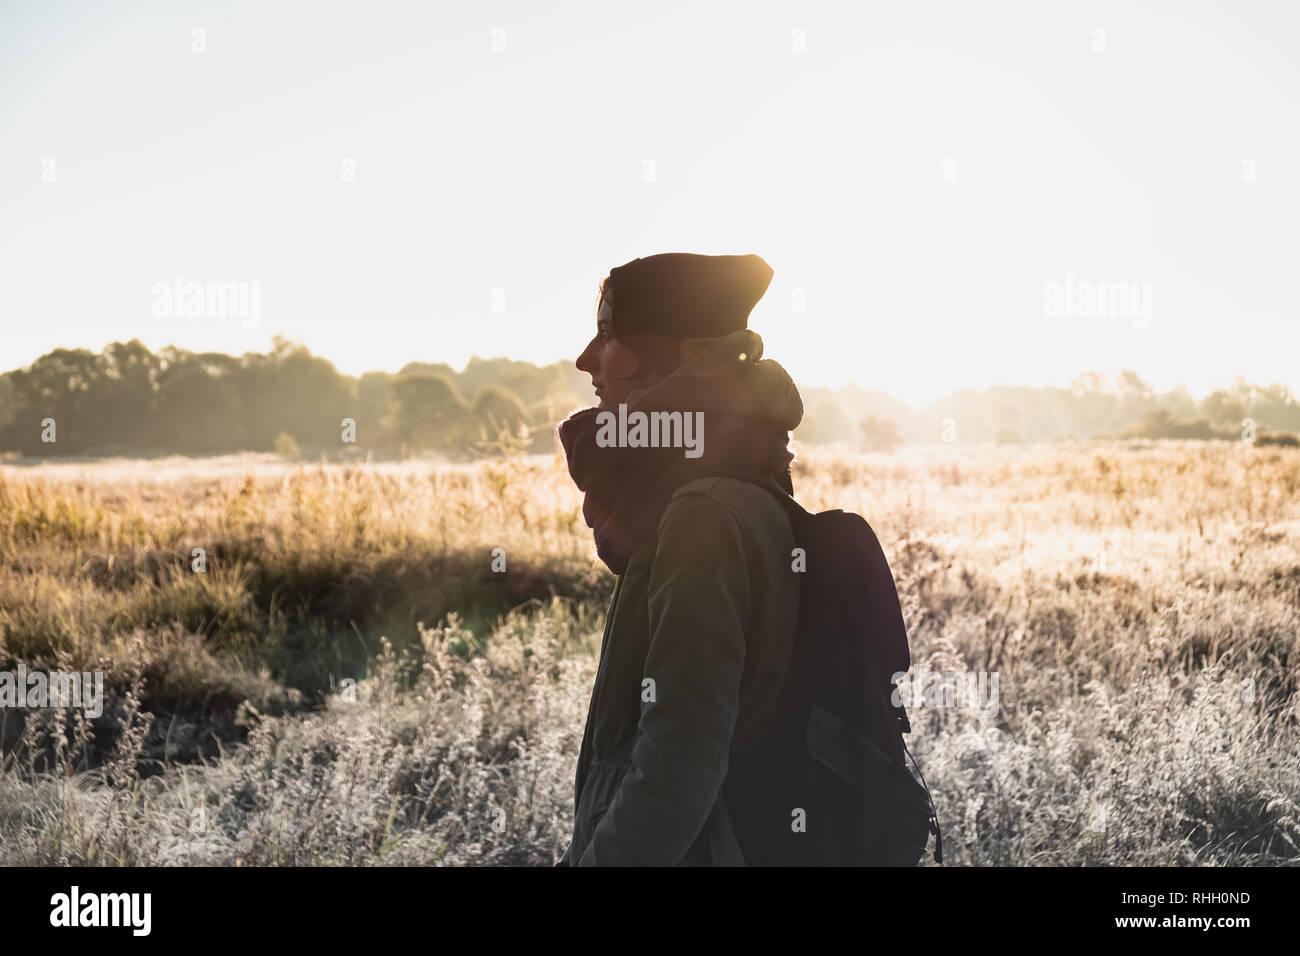 Contraluz retrato de mujer hermosa en la luz solar directa. Persona de sexo femenino, paseos al aire libre en la fría y soleada mañana de otoño Foto de stock